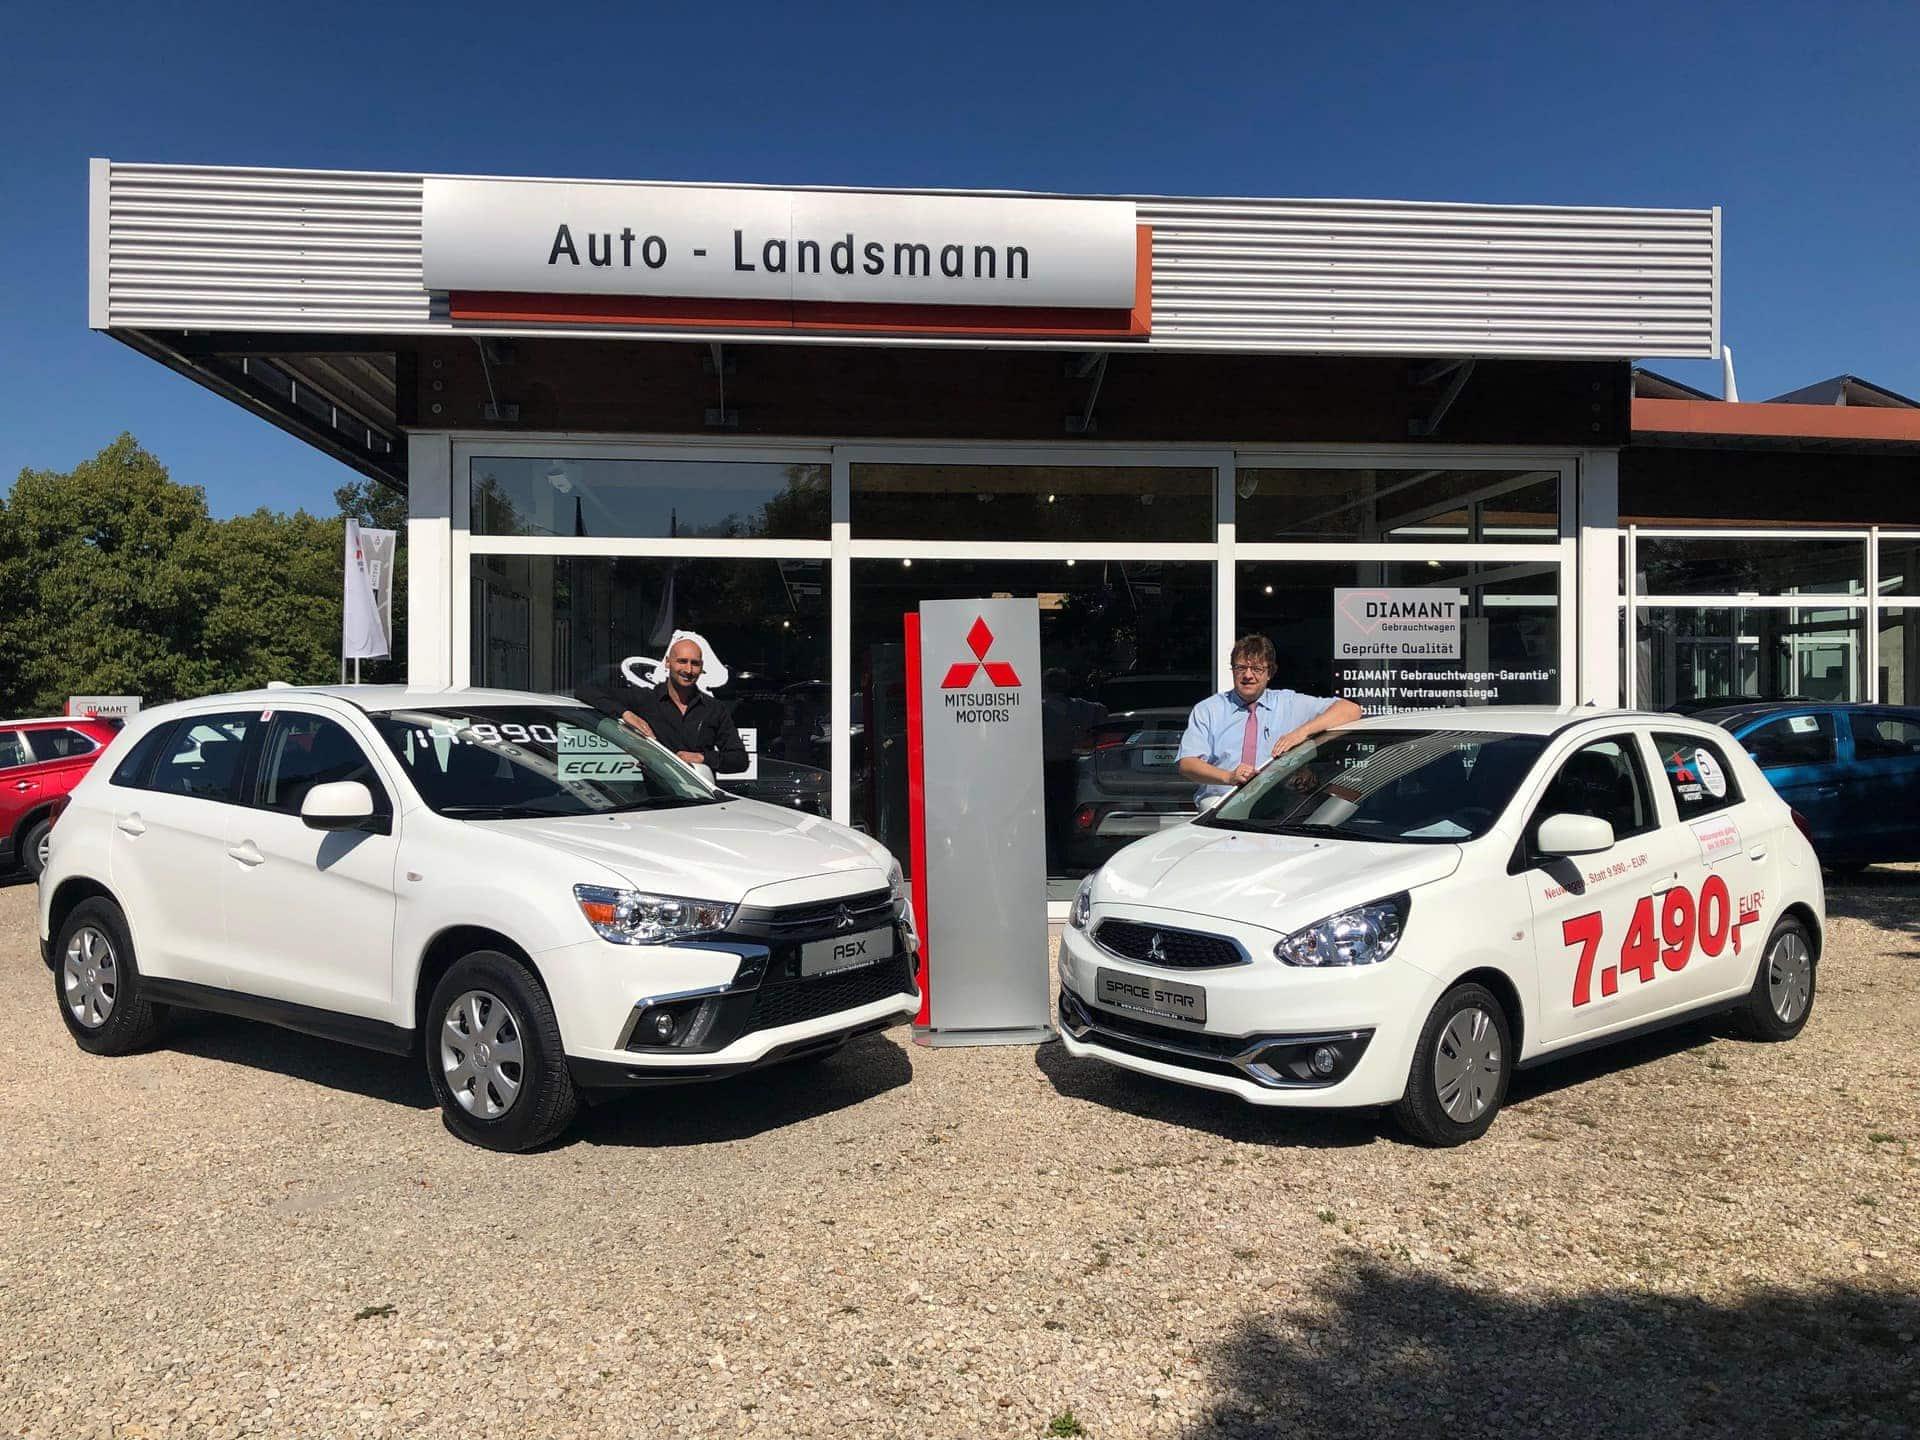 Mitsubishi zu Knaller-Preisen Bei Auto-Landsmann wird im Sommer ein Preis-Feuerwerk gezündet